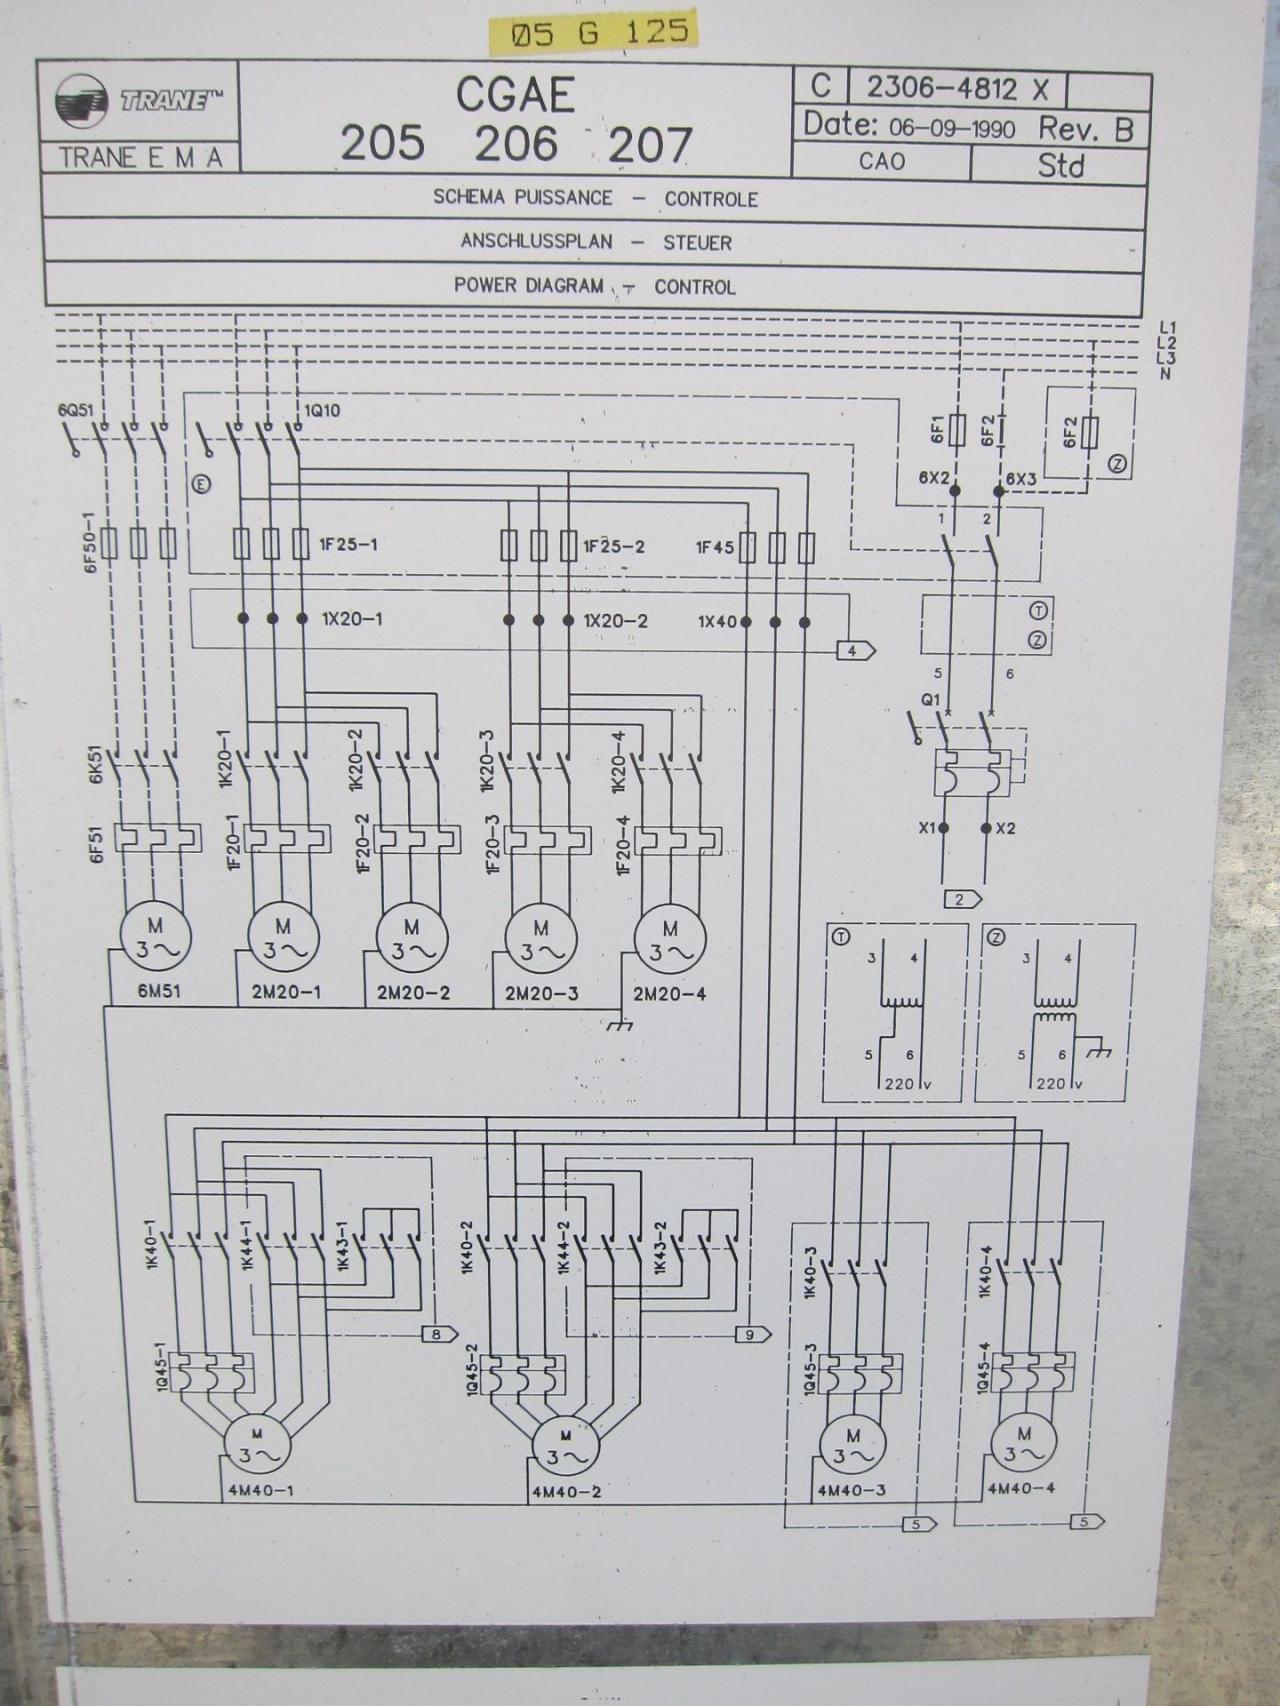 Ungewöhnlich Trane Kondensator Schaltplan Galerie - Der Schaltplan ...